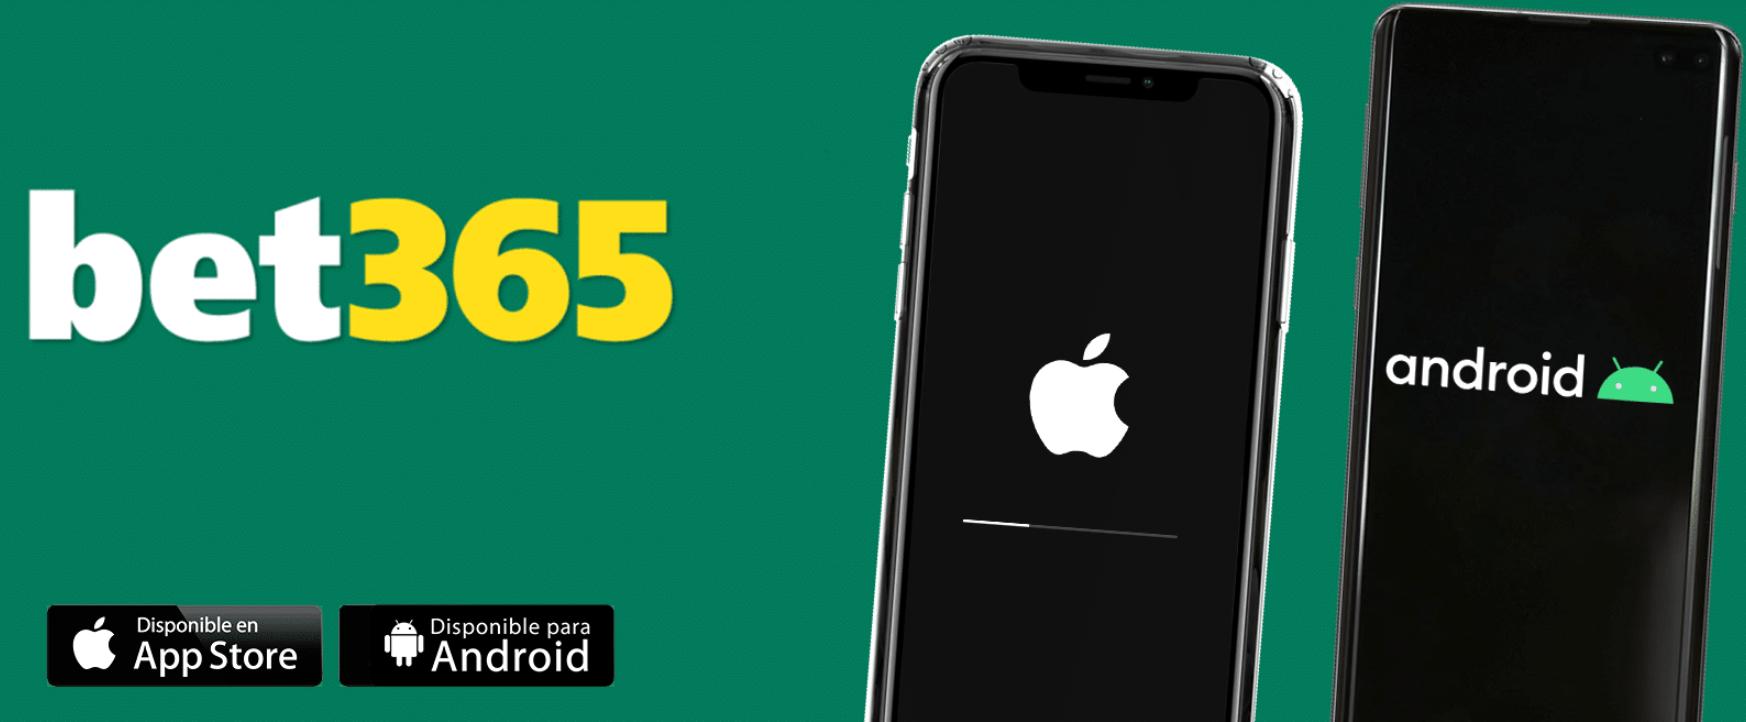 Өргөдөл гаргах Bet365: хэрхэн татаж авах Android